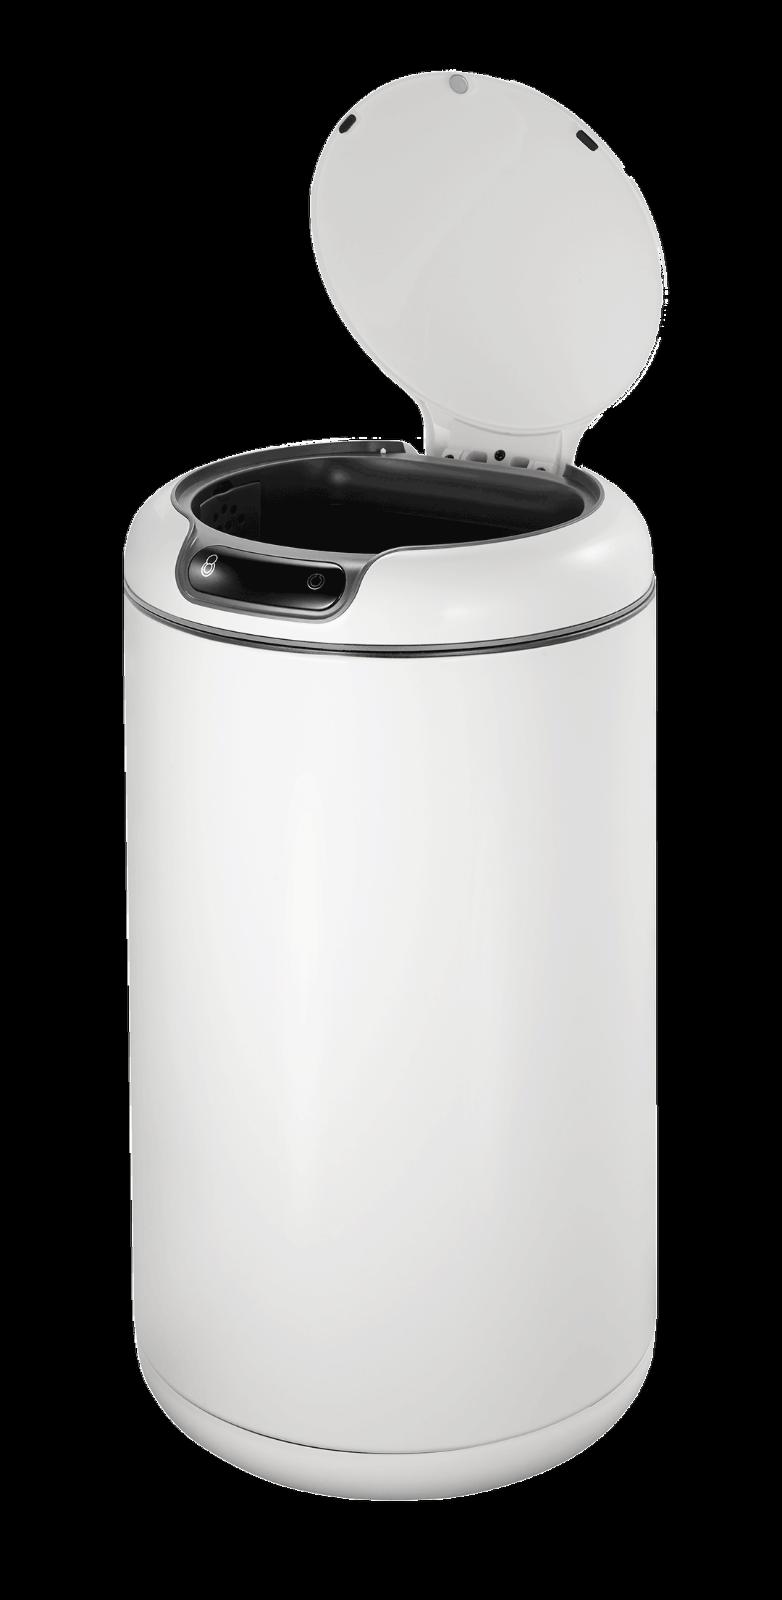 EKO GALLERIA Weiß SENSOR BIN 9L No Touch Stainless Steel Hygienic Inner Bucket